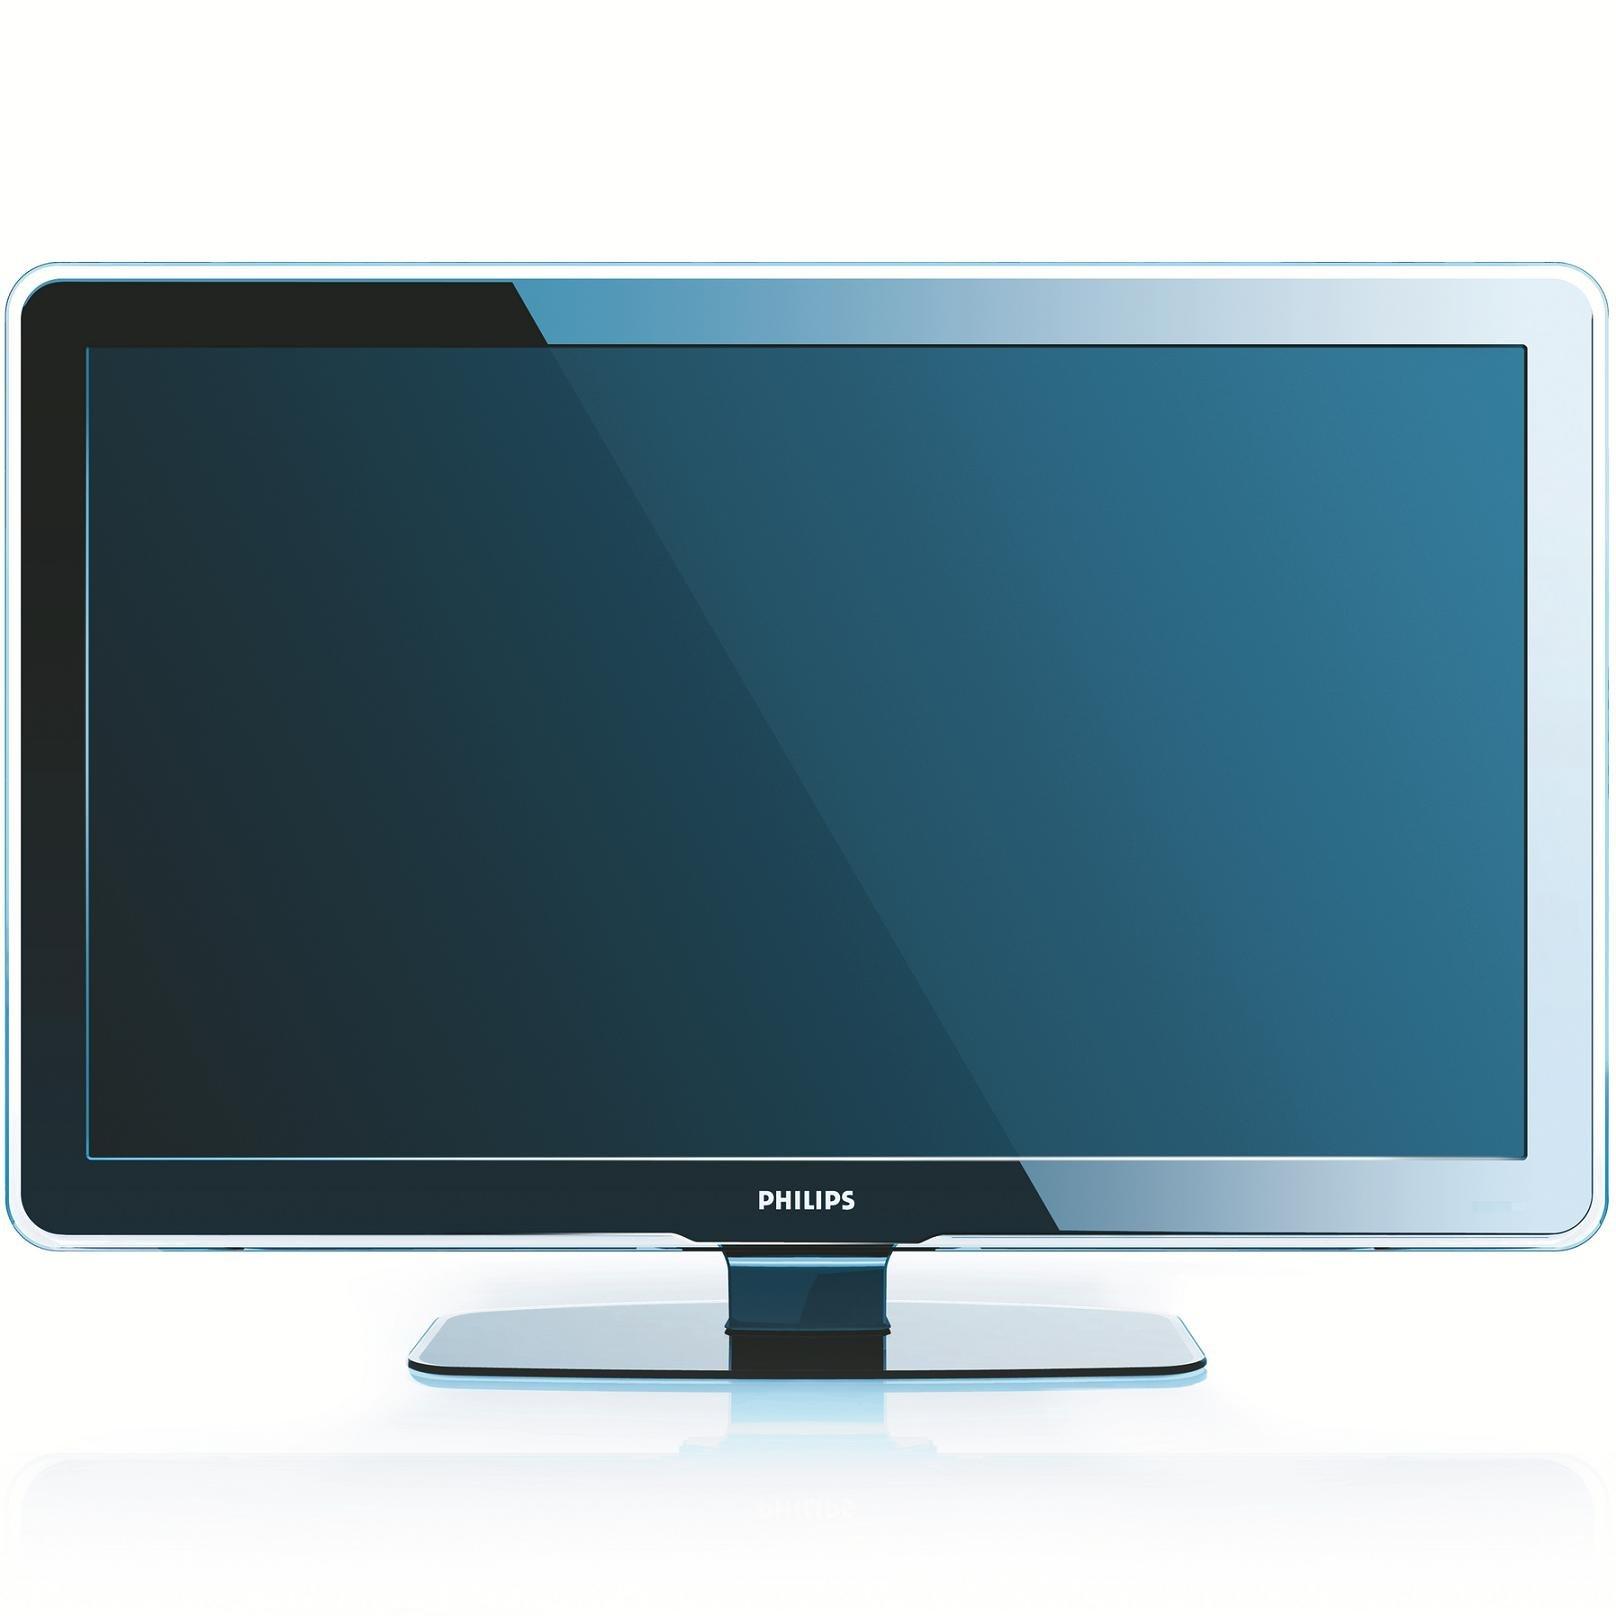 Philips 42PFL5603D - Televisión Full HD, Pantalla LCD 42 pulgadas ...